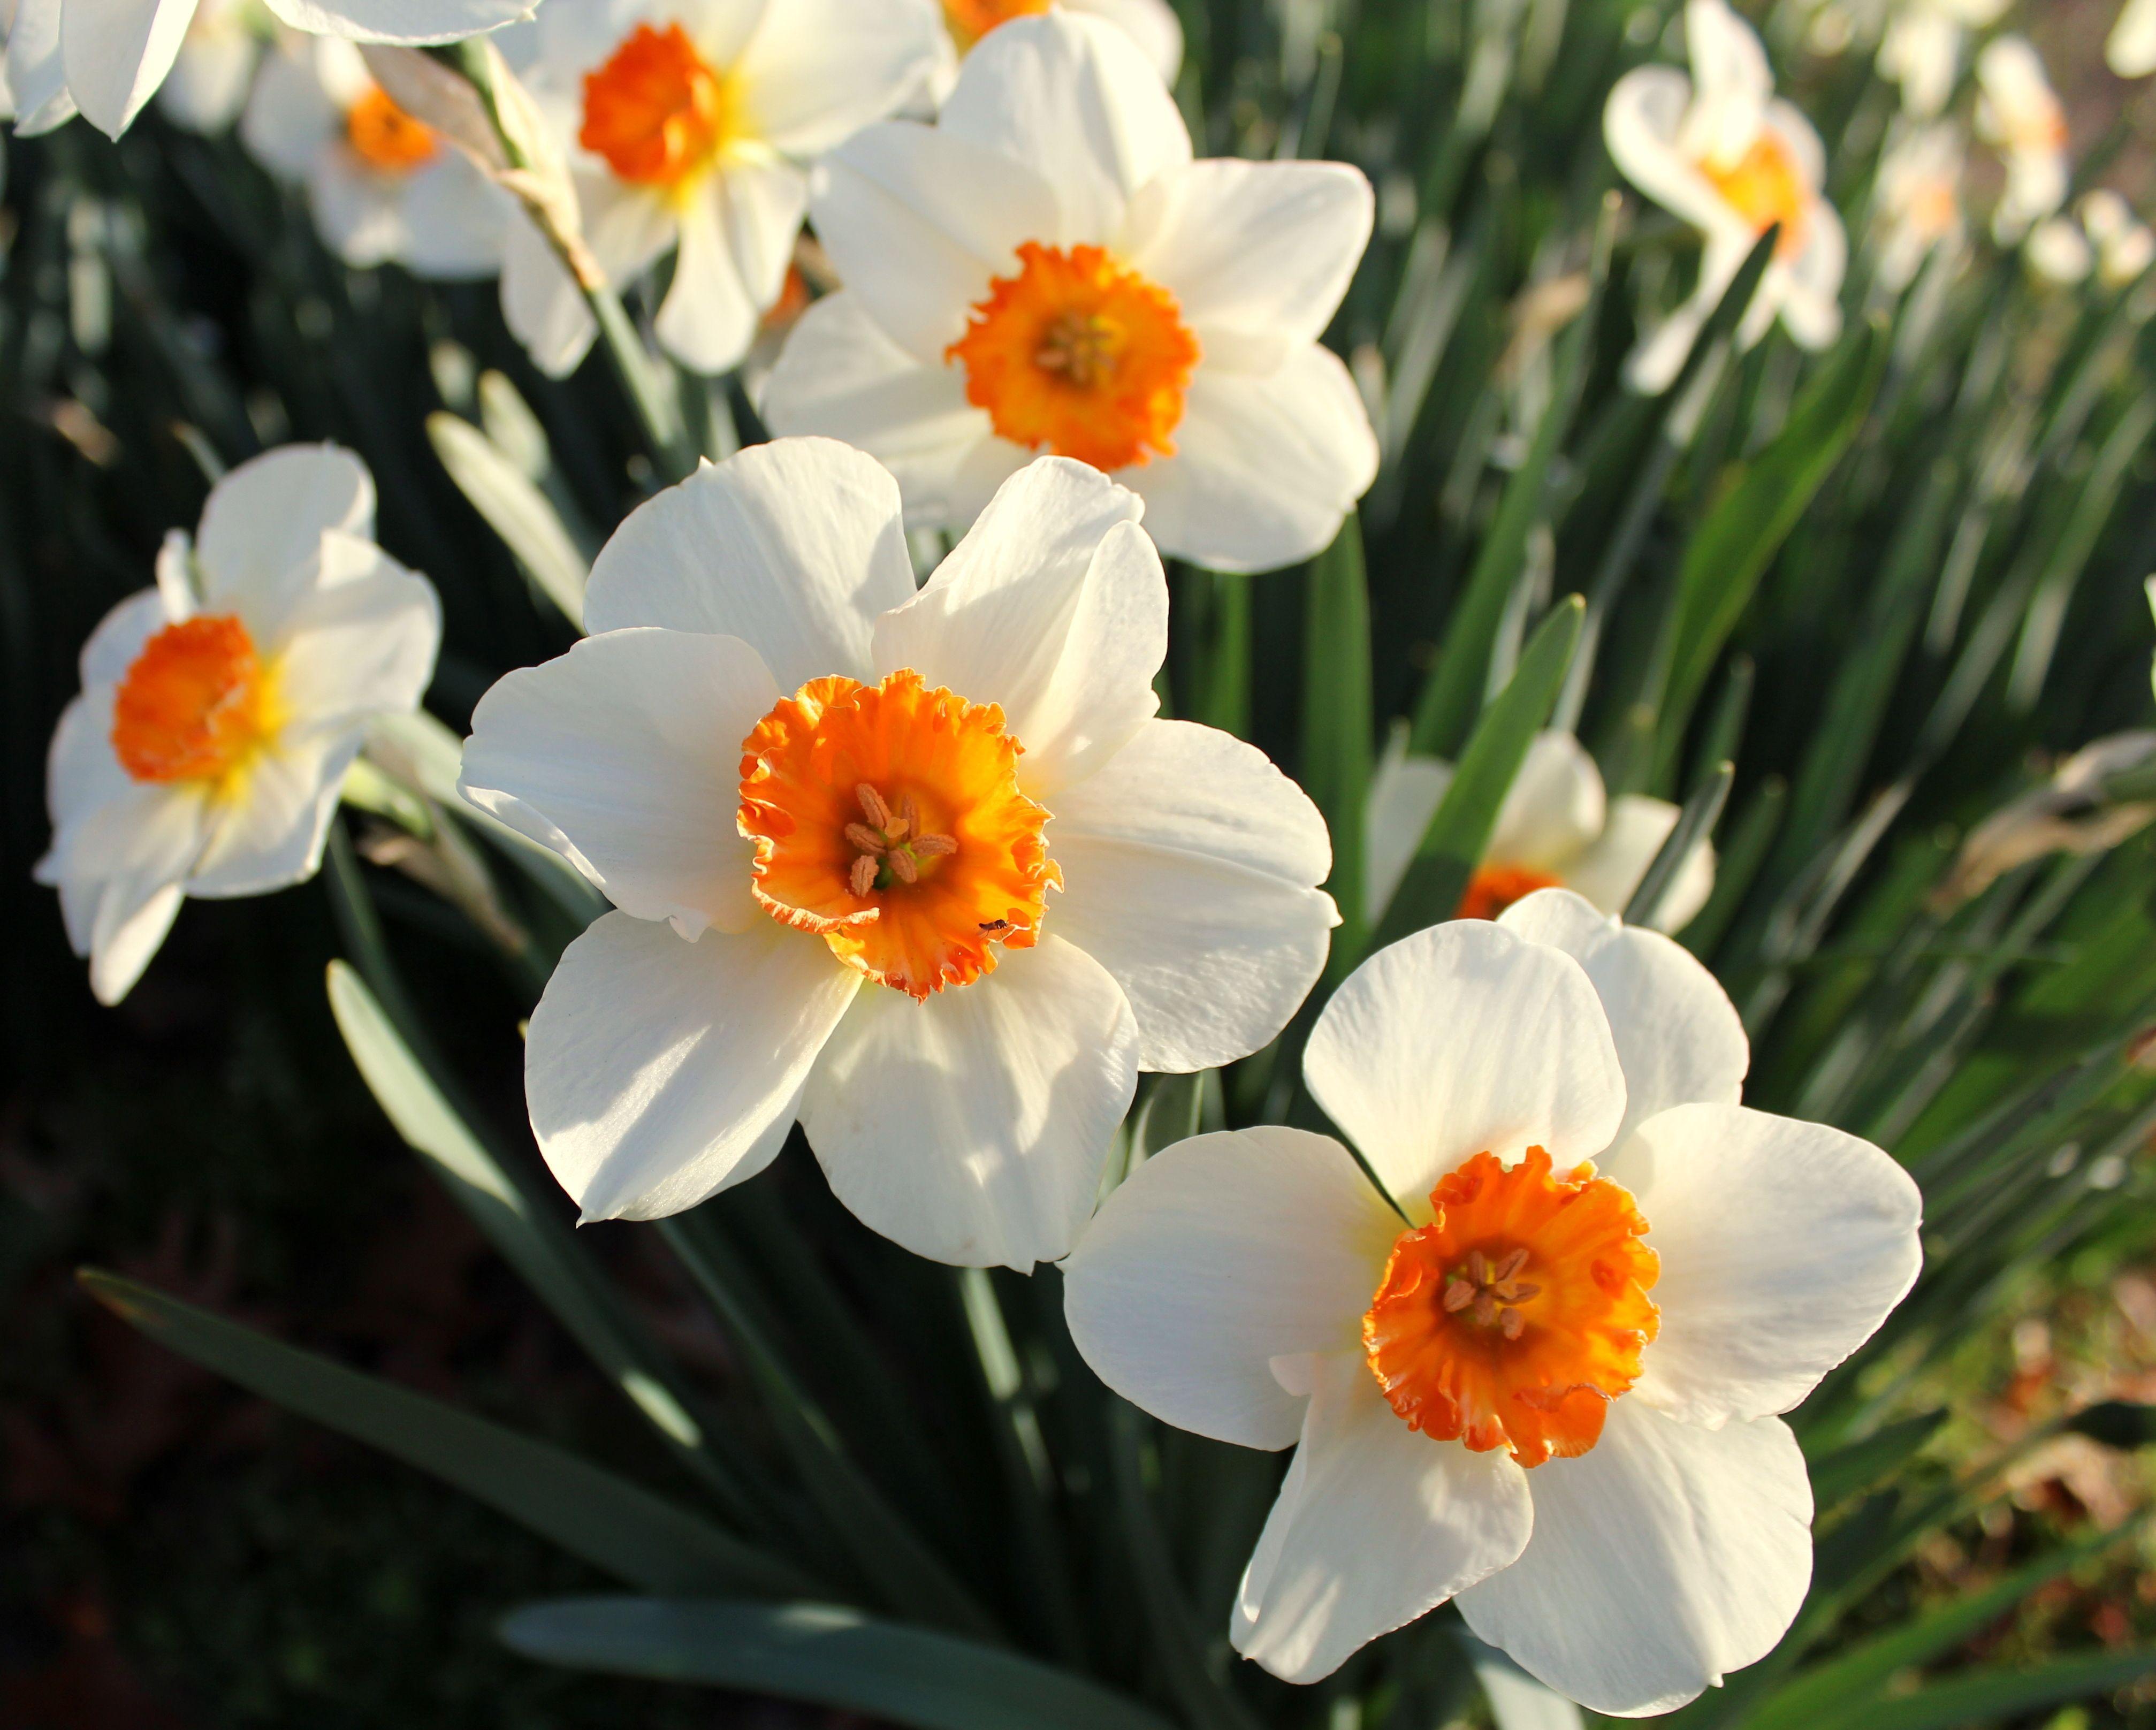 Daffodils. Spring.